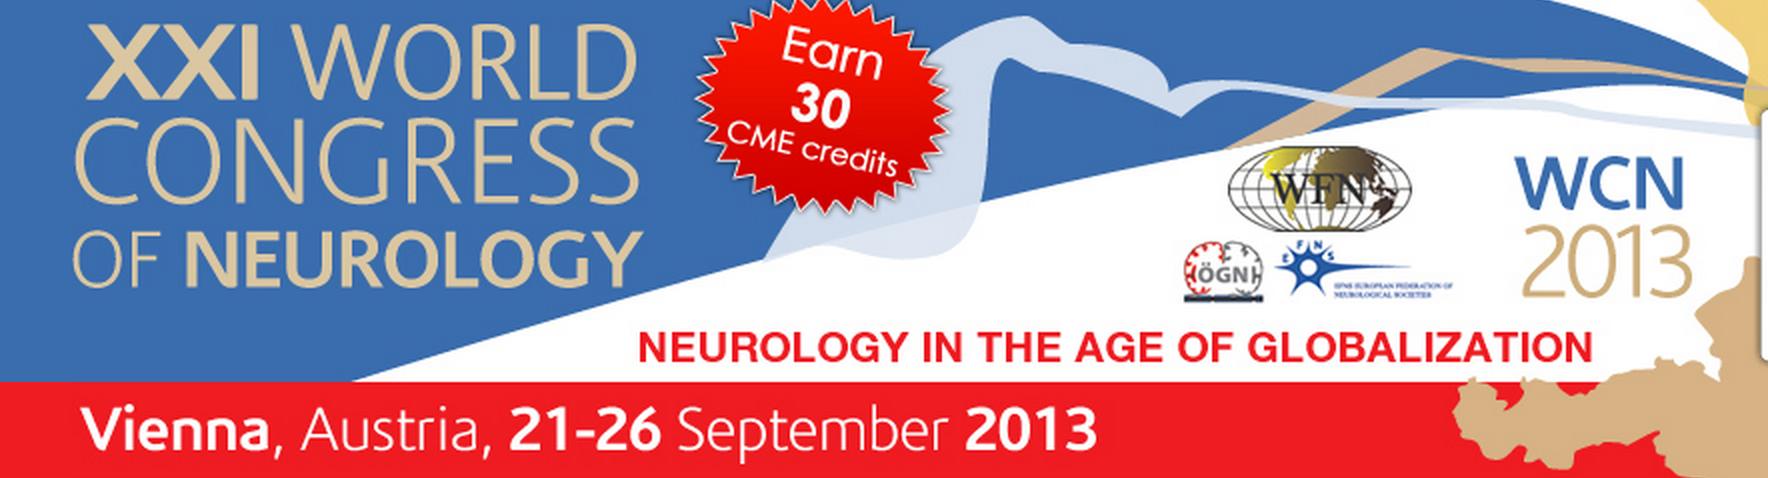 congresso mundial de neurologia